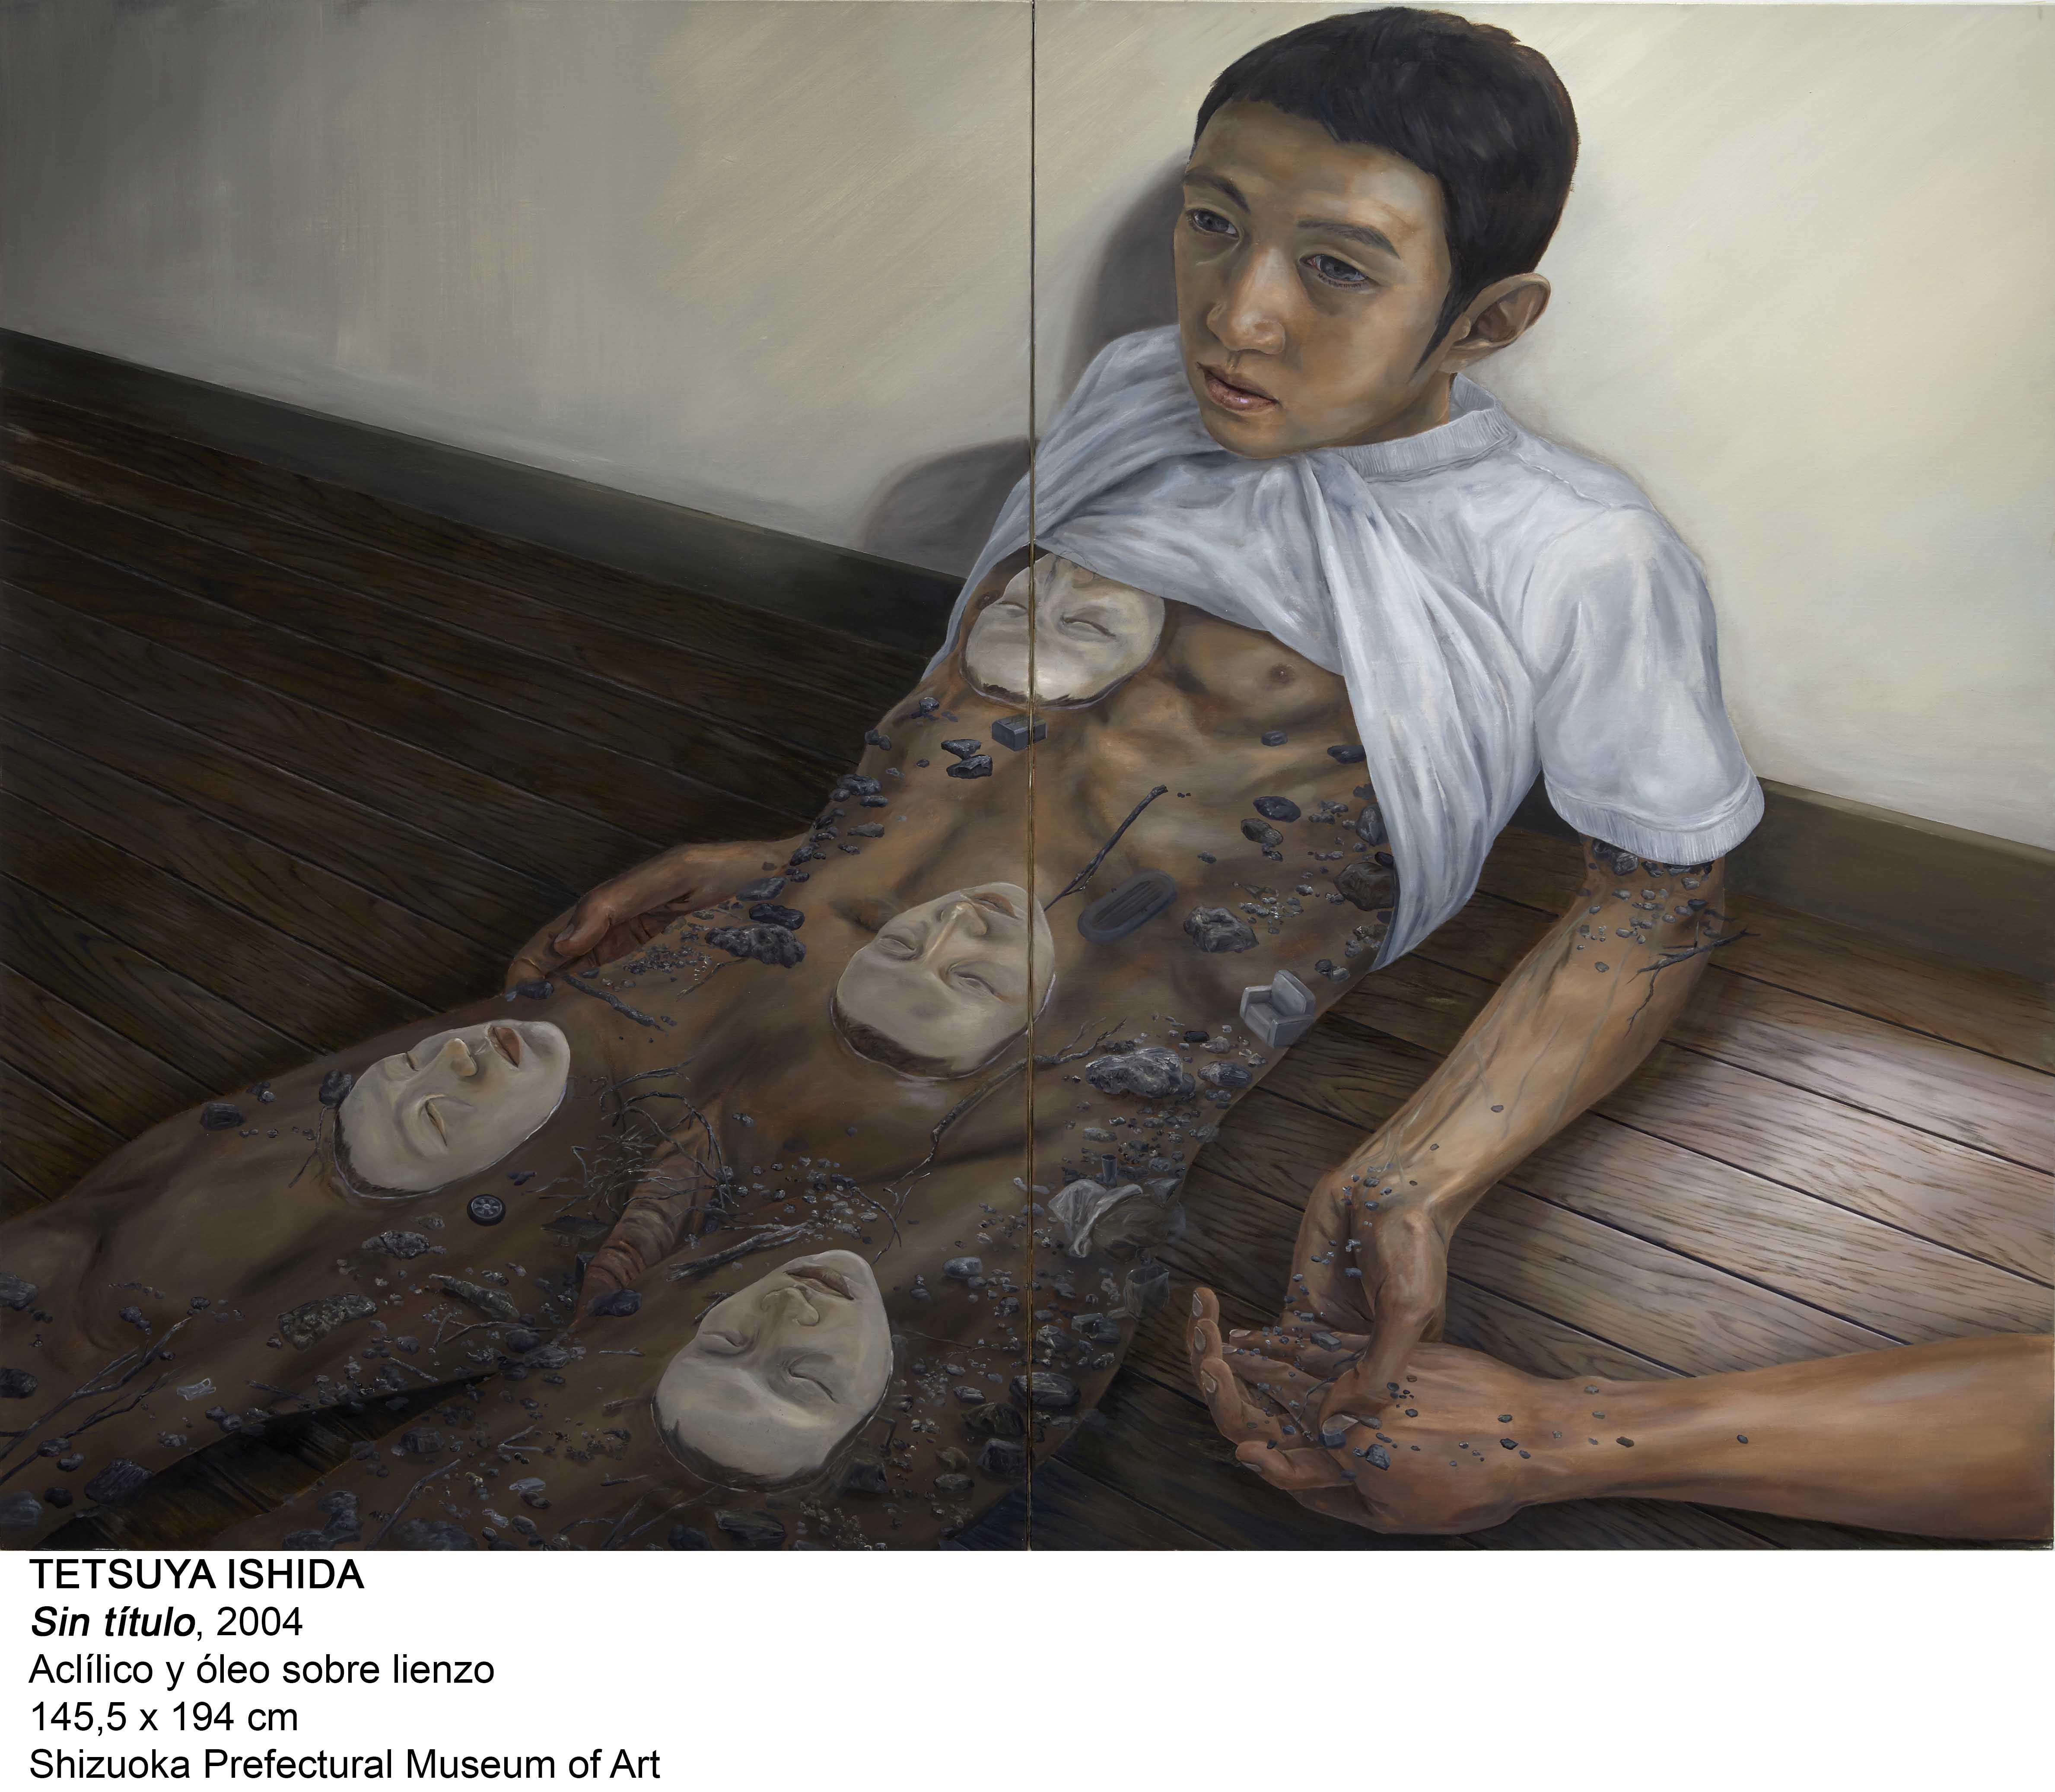 Sin título (2004) - Tetsuya Ishida